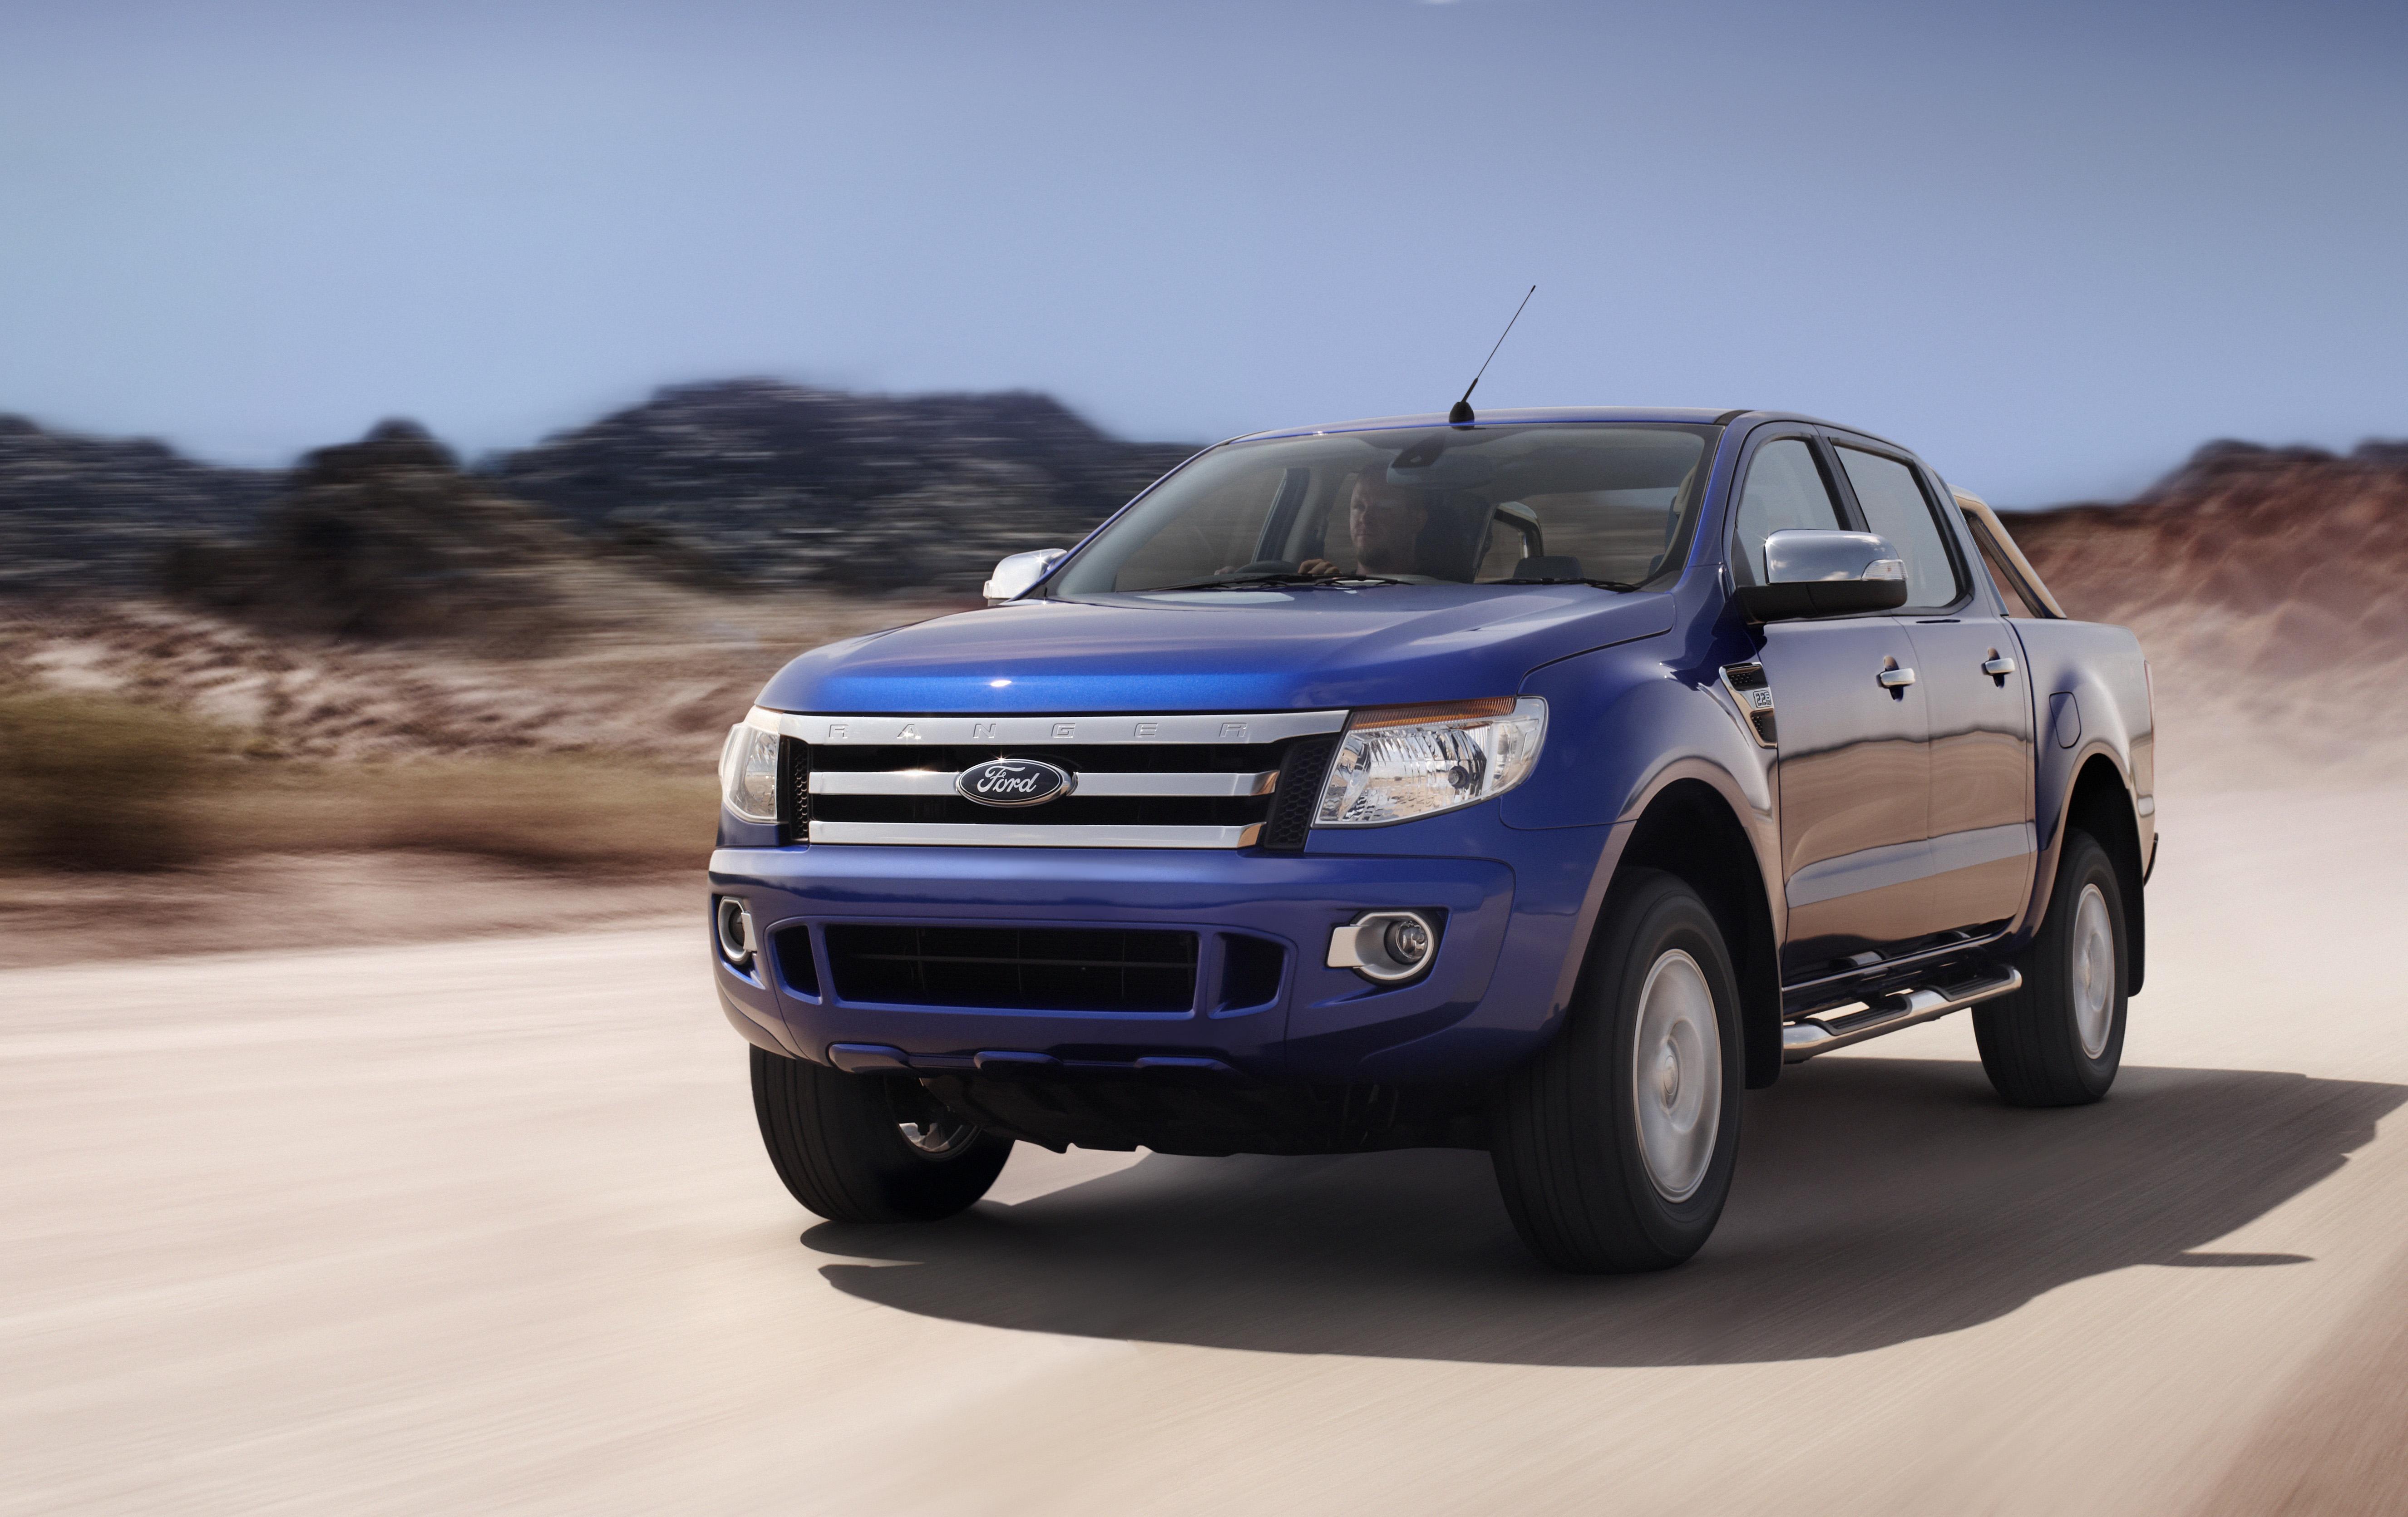 Der Ford Ranger hat im ersten Halbjahr in Deutschland das Segment der Pick-ups angeführt. In den ersten sechs Monaten des Jahres wurden insgesamt 2.605 Einheiten des Ford Pick-ups neu zugelassen, wodurch sein Segment-Marktanteil auf 33,8 Prozent stieg. Für den Monat Juni erreichte der Ford Ranger sogar einen Marktanteil von 39 Prozent und war damit in beiden Zeiträumen im Markenvergleich das erfolgreichste Pick-up-Modell in Deutschland.